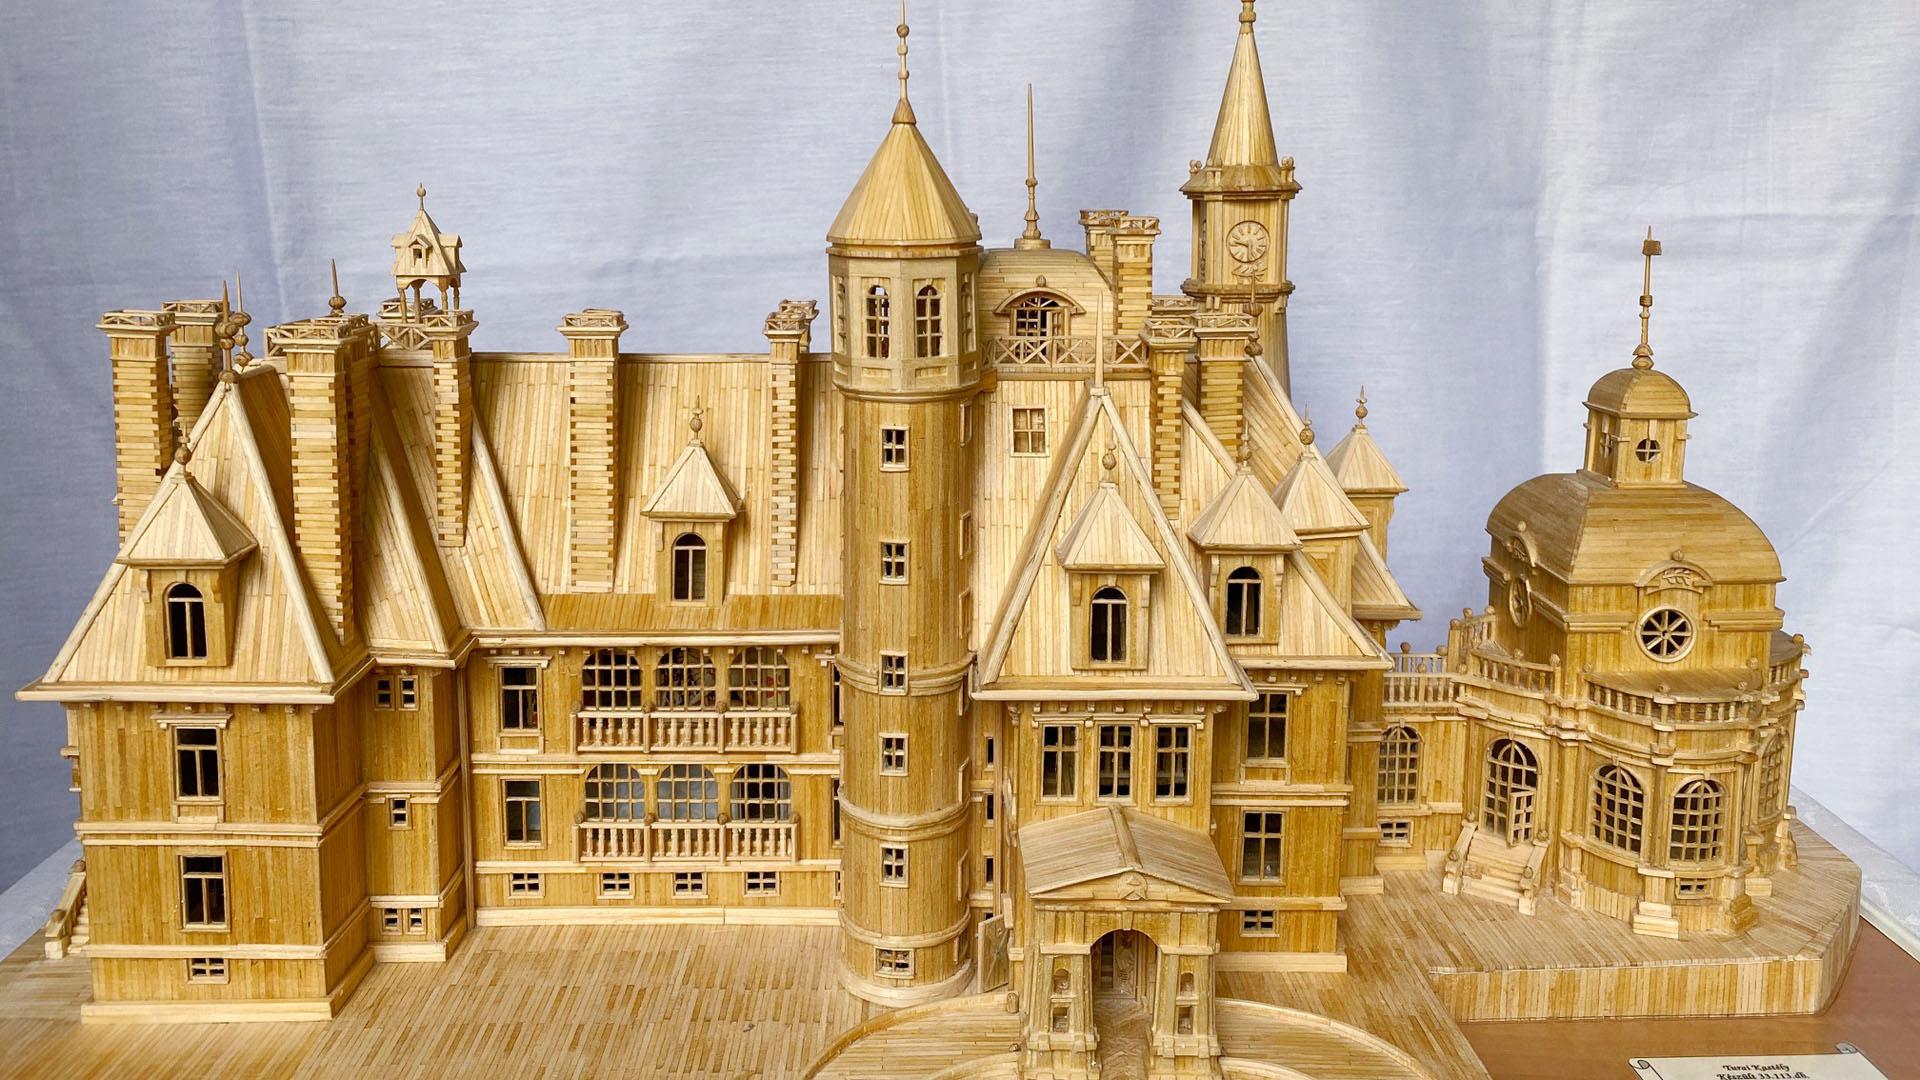 Tengernyi gyufaszálból épít bámulatos kastélyokat a 75 éves Pali bácsi